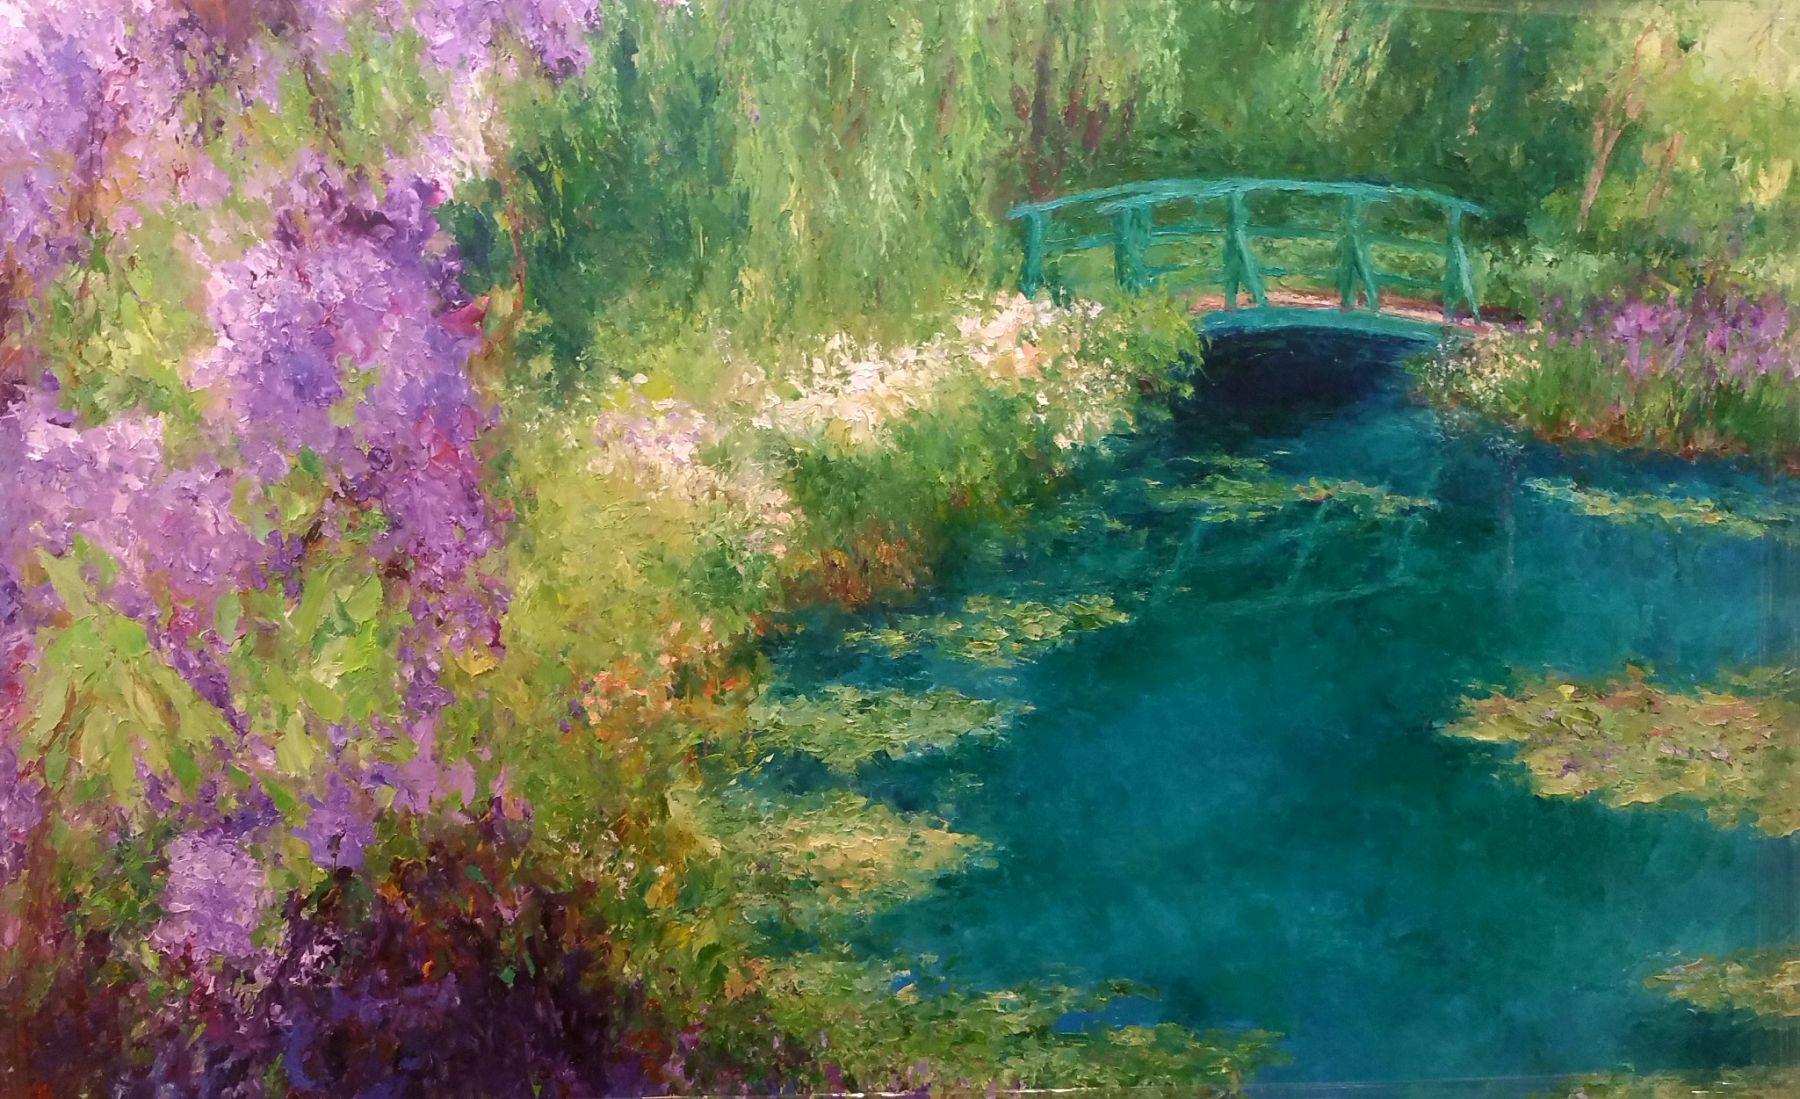 Monet's Ruffled Repose, 48x72